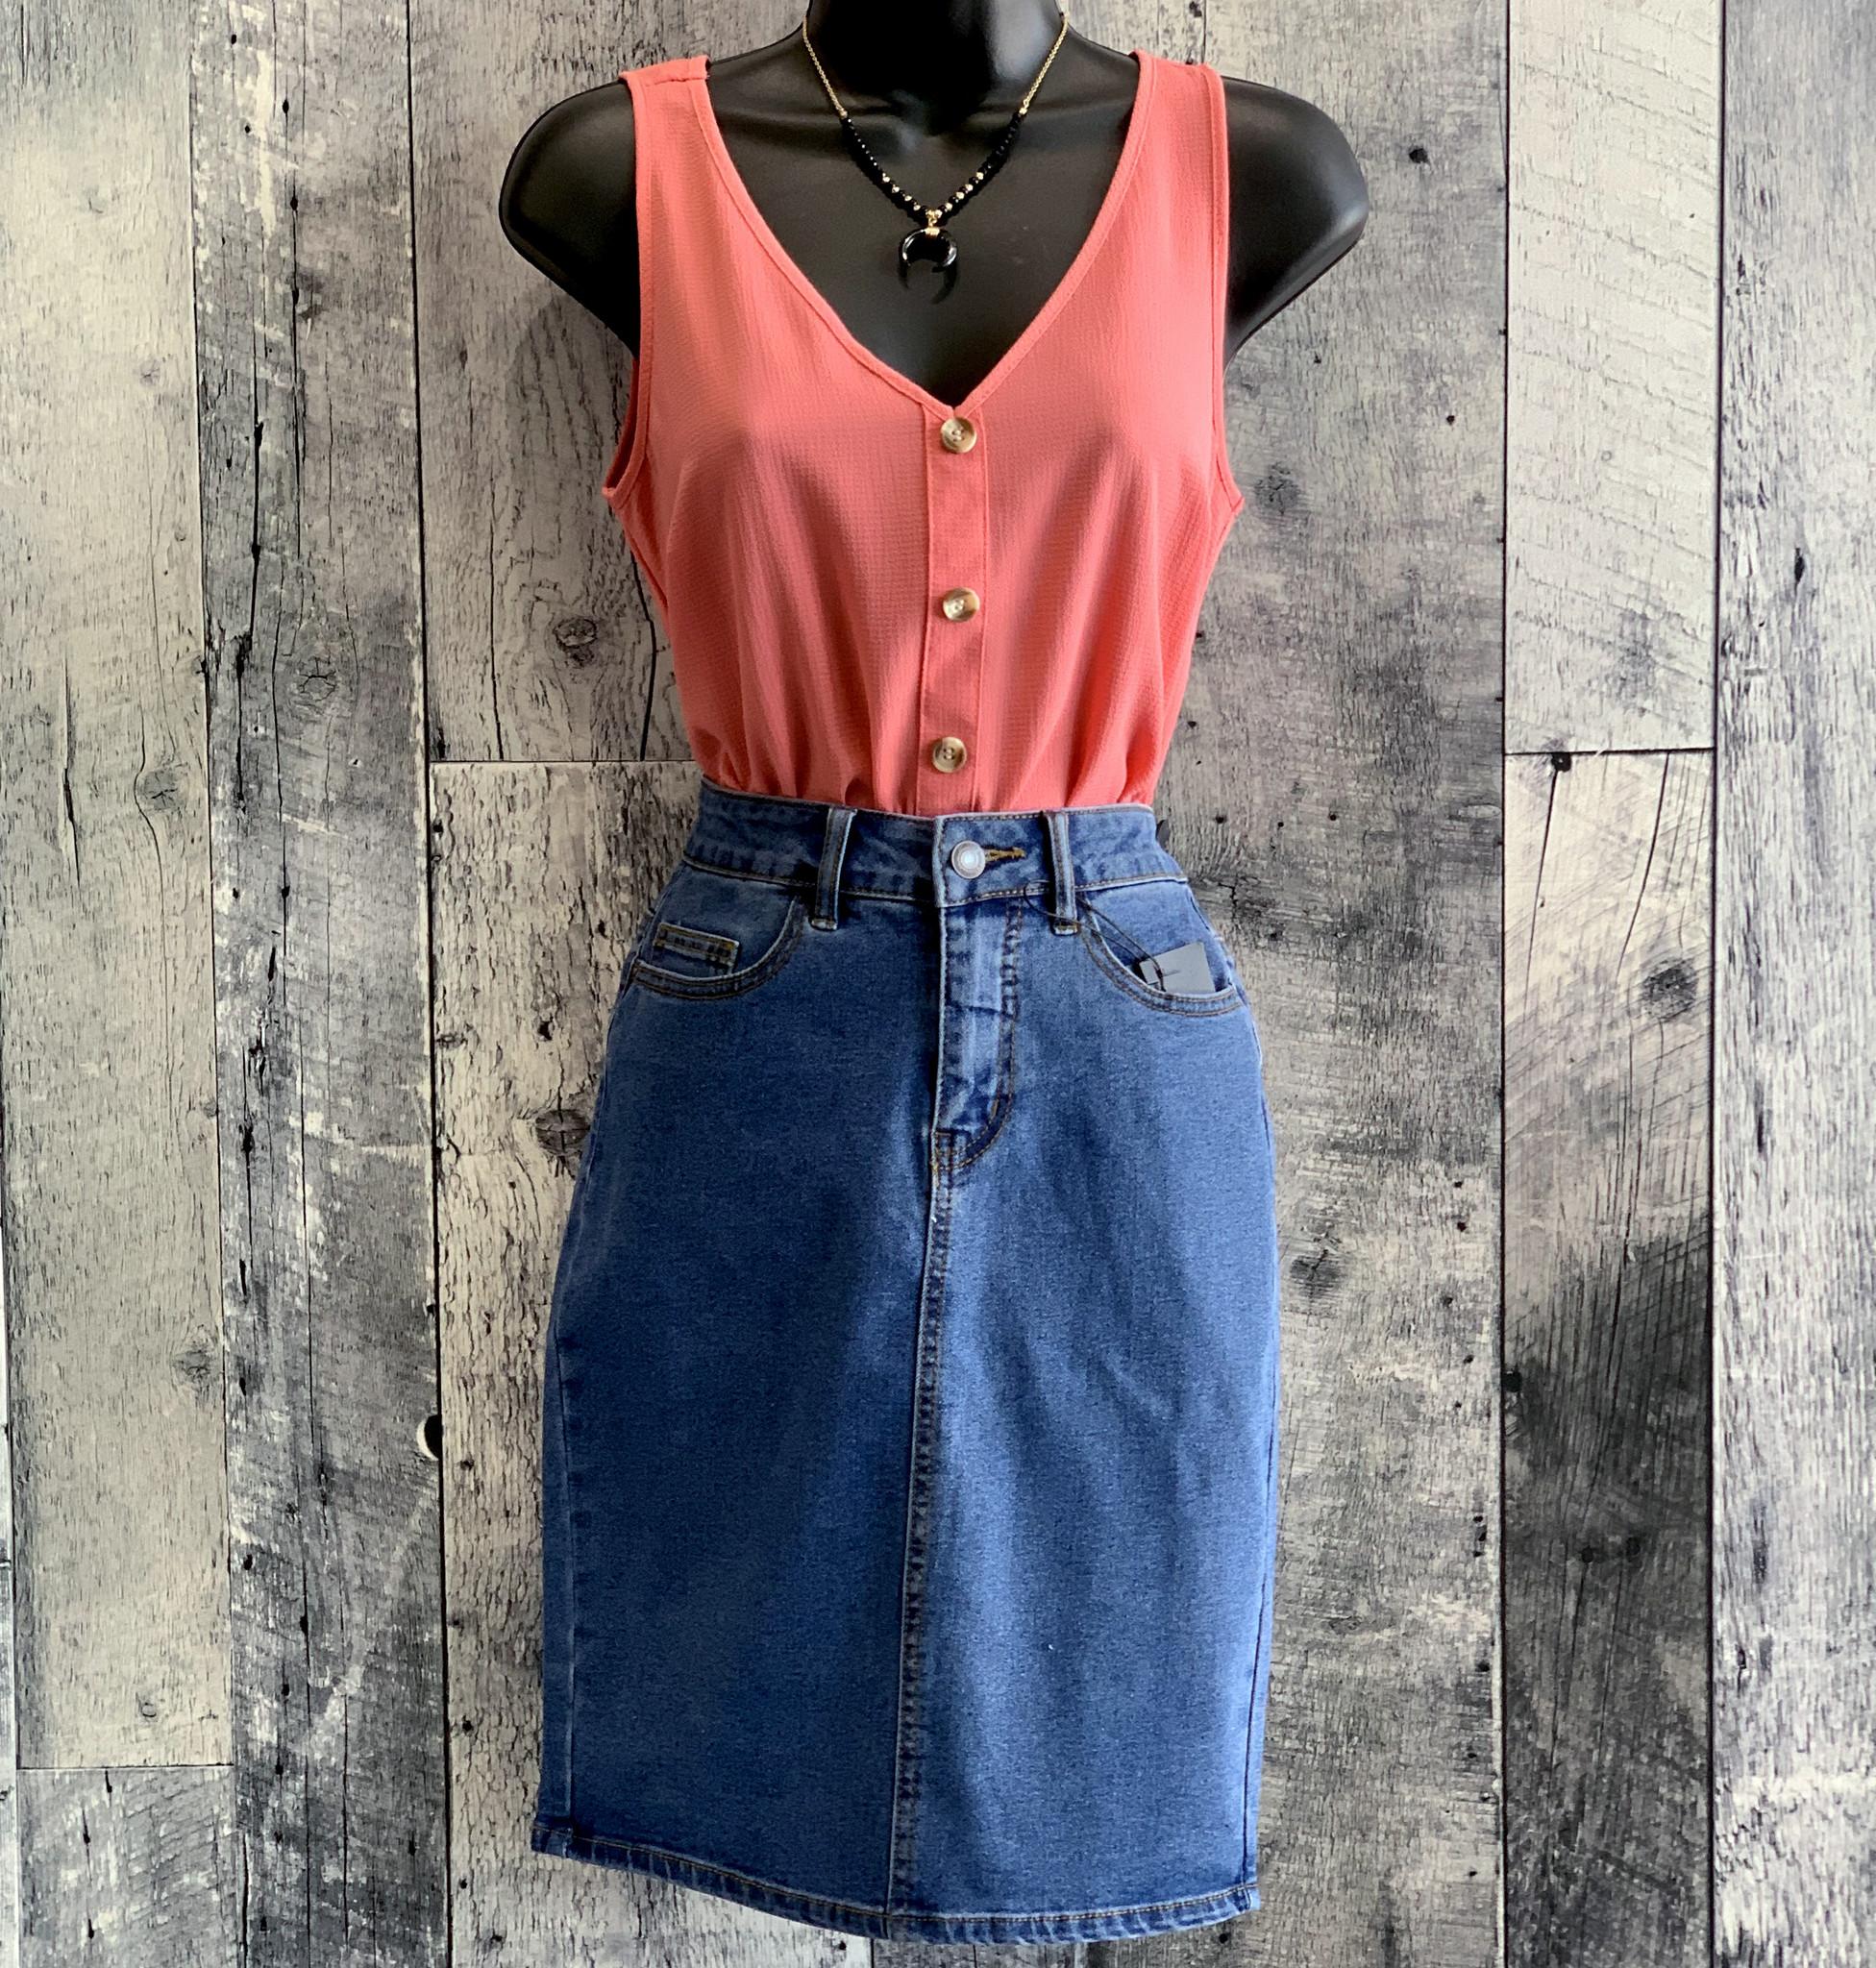 vero moda - high waist denim pencil skirt